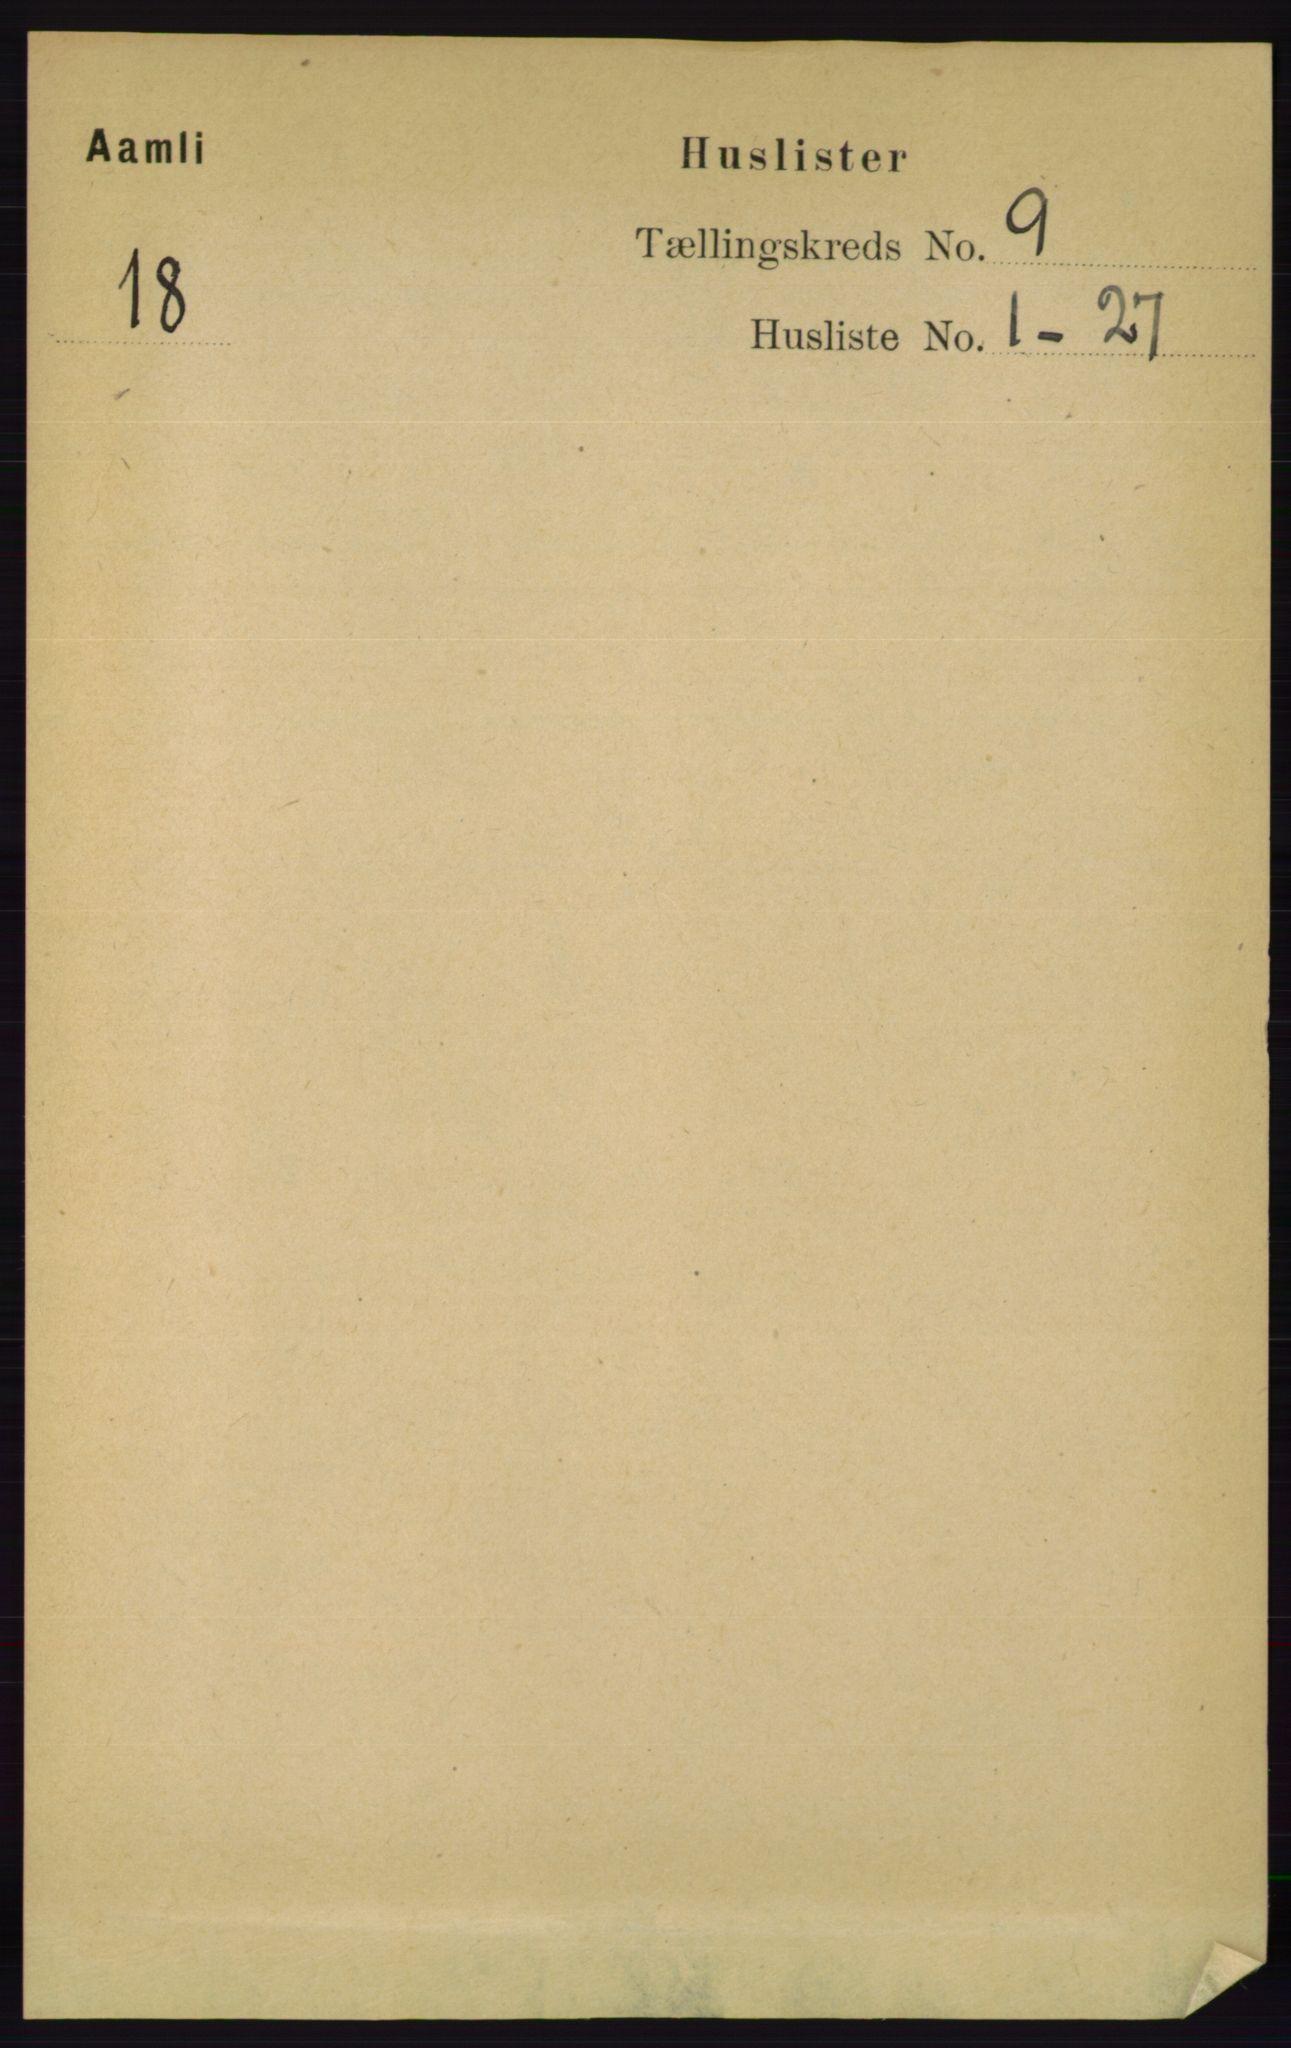 RA, Folketelling 1891 for 0929 Åmli herred, 1891, s. 1426